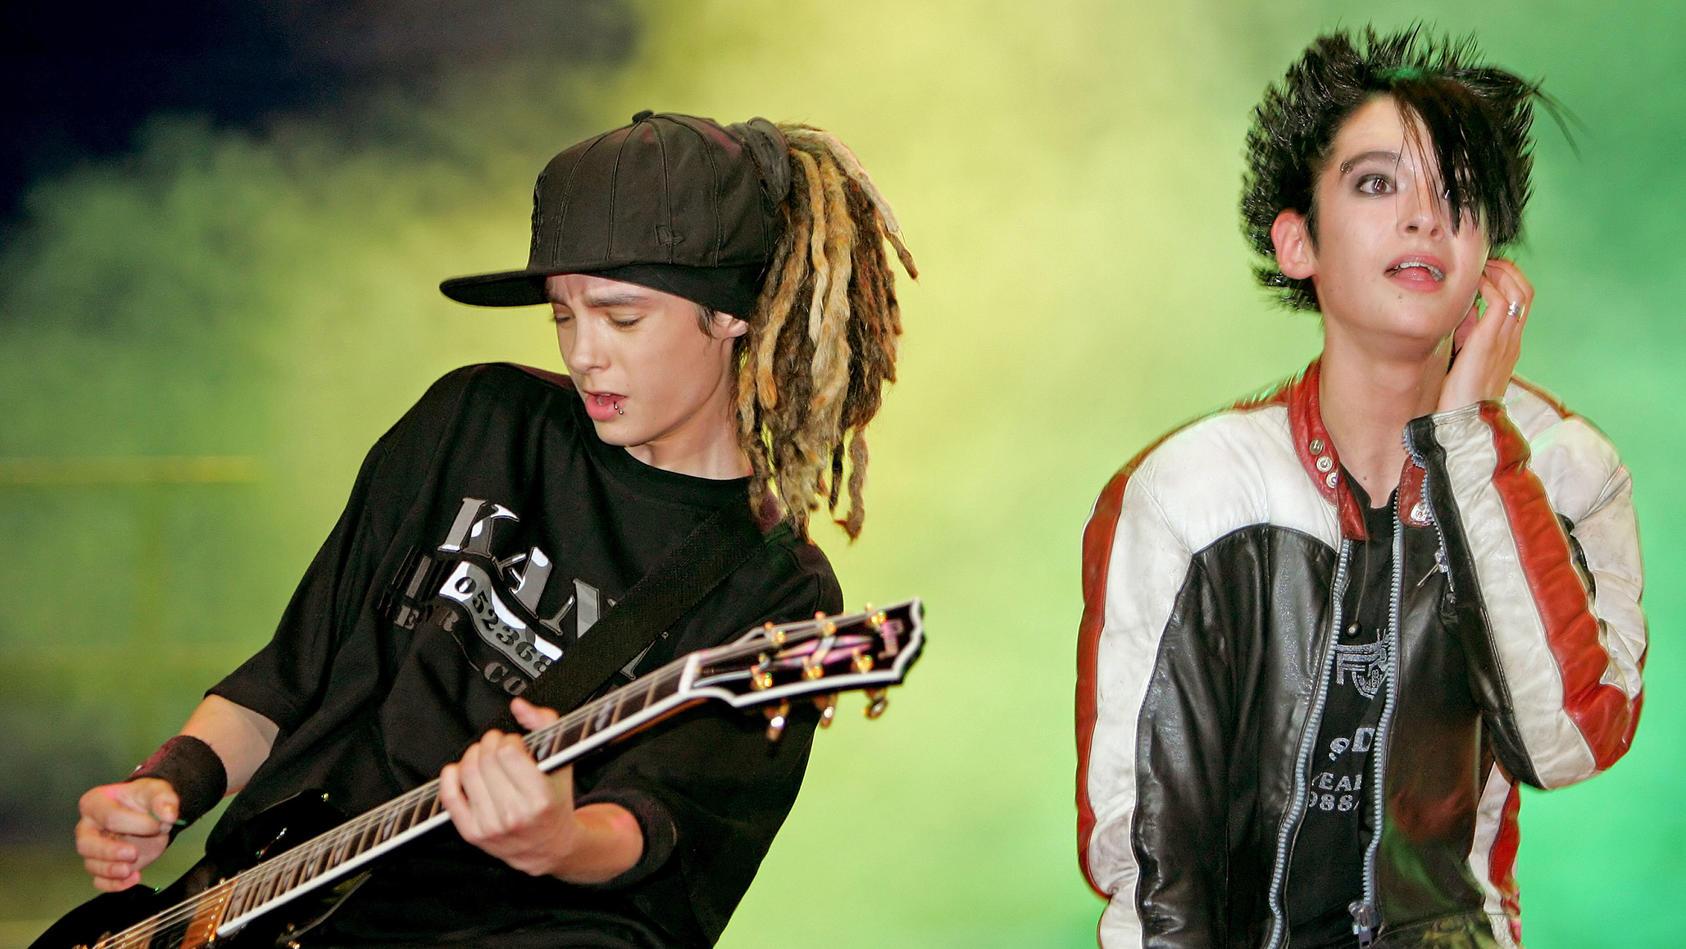 Tom und Bill Kaulitz wurden mit der Band Tokio Hotel bekannt